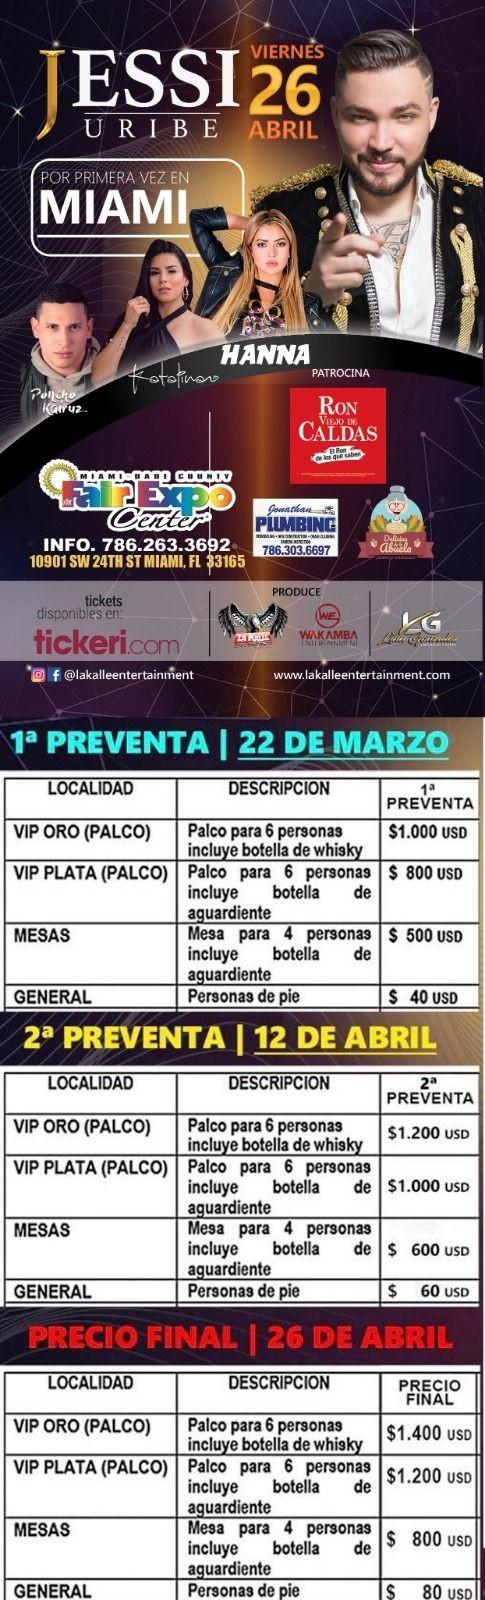 Flyer for Jessi Uribe en Concierto en Miami,FL